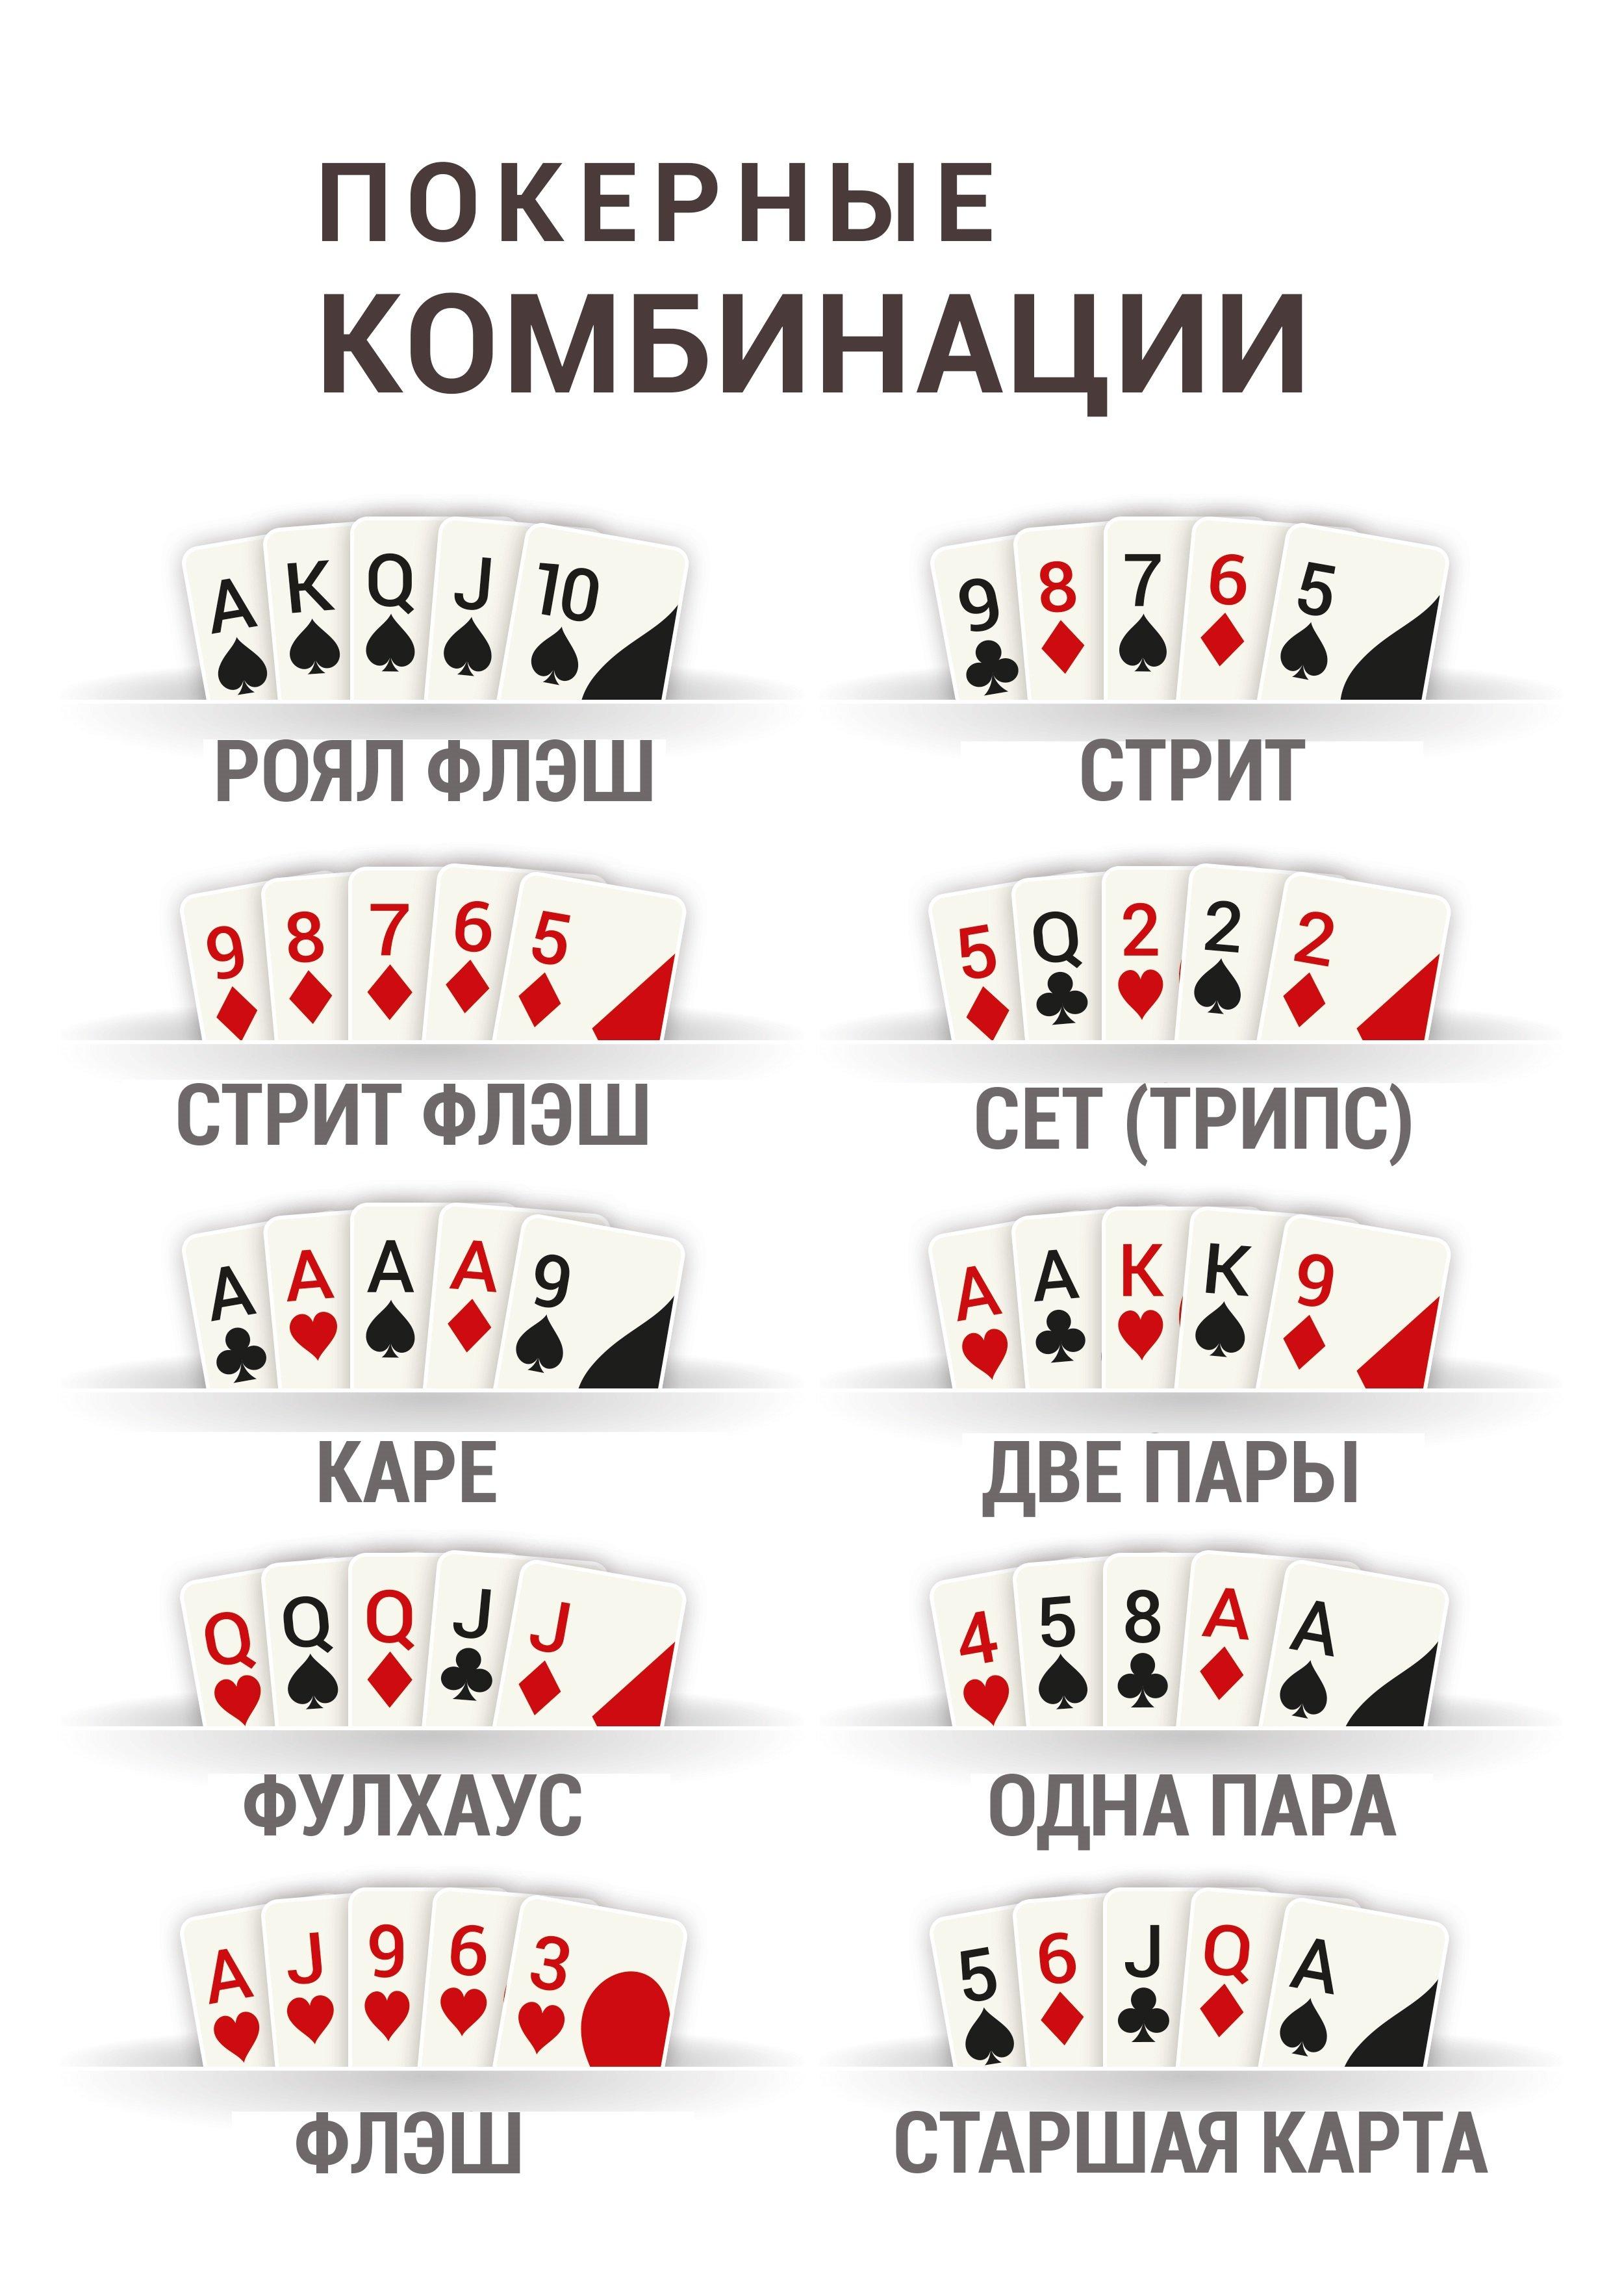 где поиграть в покер в мариуполе